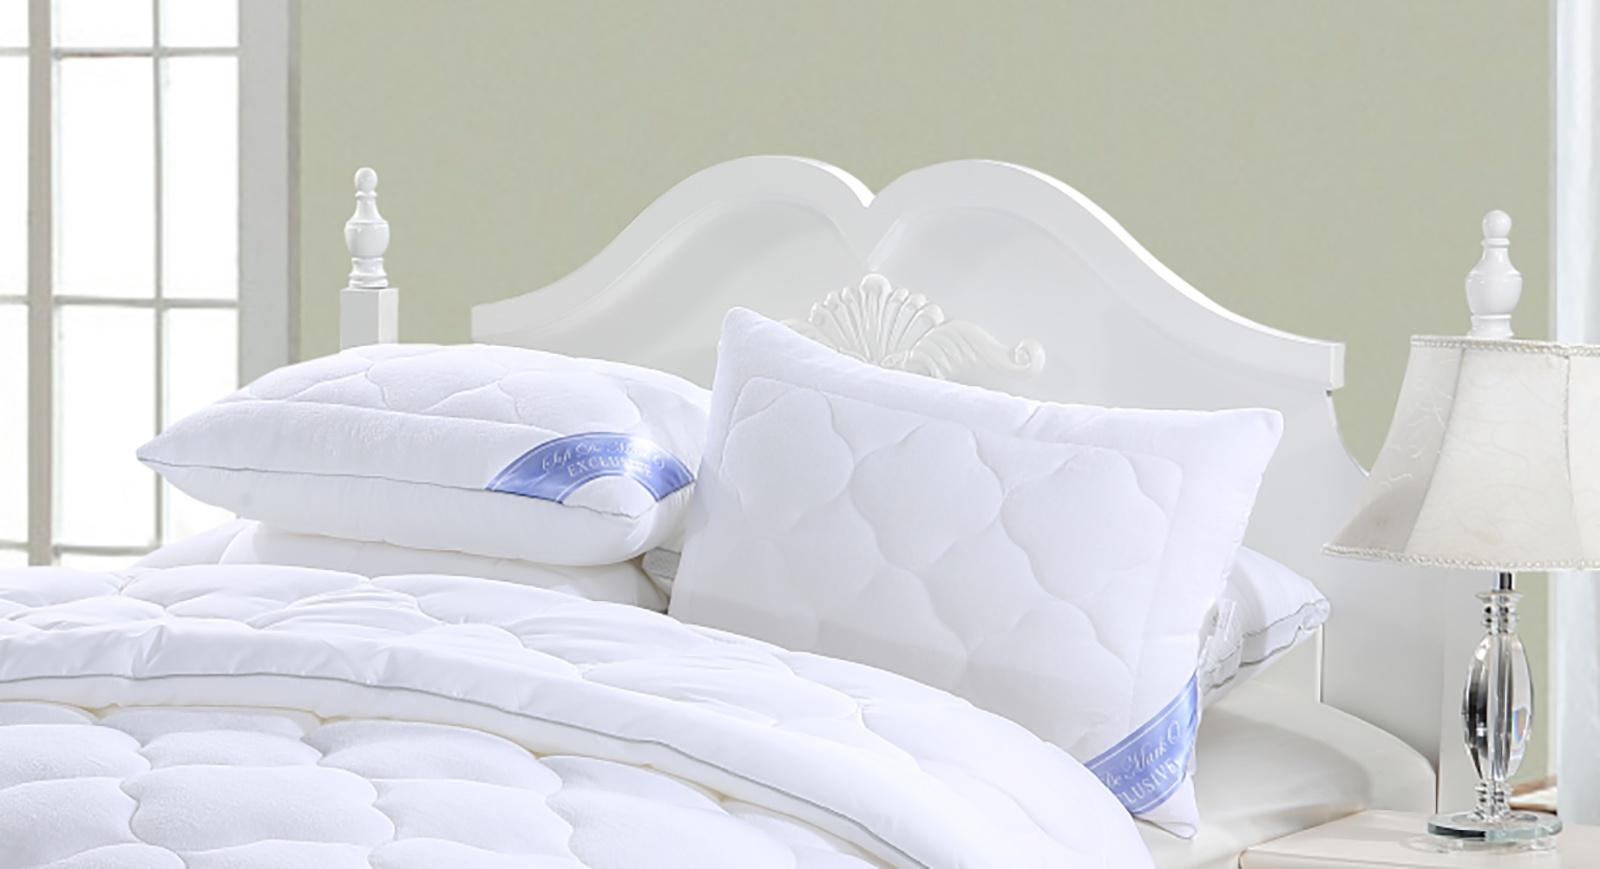 Подушка Sofi de Marko Эксклюзив Подушка 50х70, П-0002-50х70П-0002-50х70Верхняя часть одеял и подушек Эксклюзив имеет махровую основу, которая лучше поглощает влагу, обладает высокой износоустойчивостью и прочностью, хорошо сохраняет форму. Наполнитель состоит из множества скрученных микроволокон, между которыми остается воздушное пространство, что позволяет наполнителю дышать. Одеяло великолепно стирается, быстро высыхает и не теряет объем.